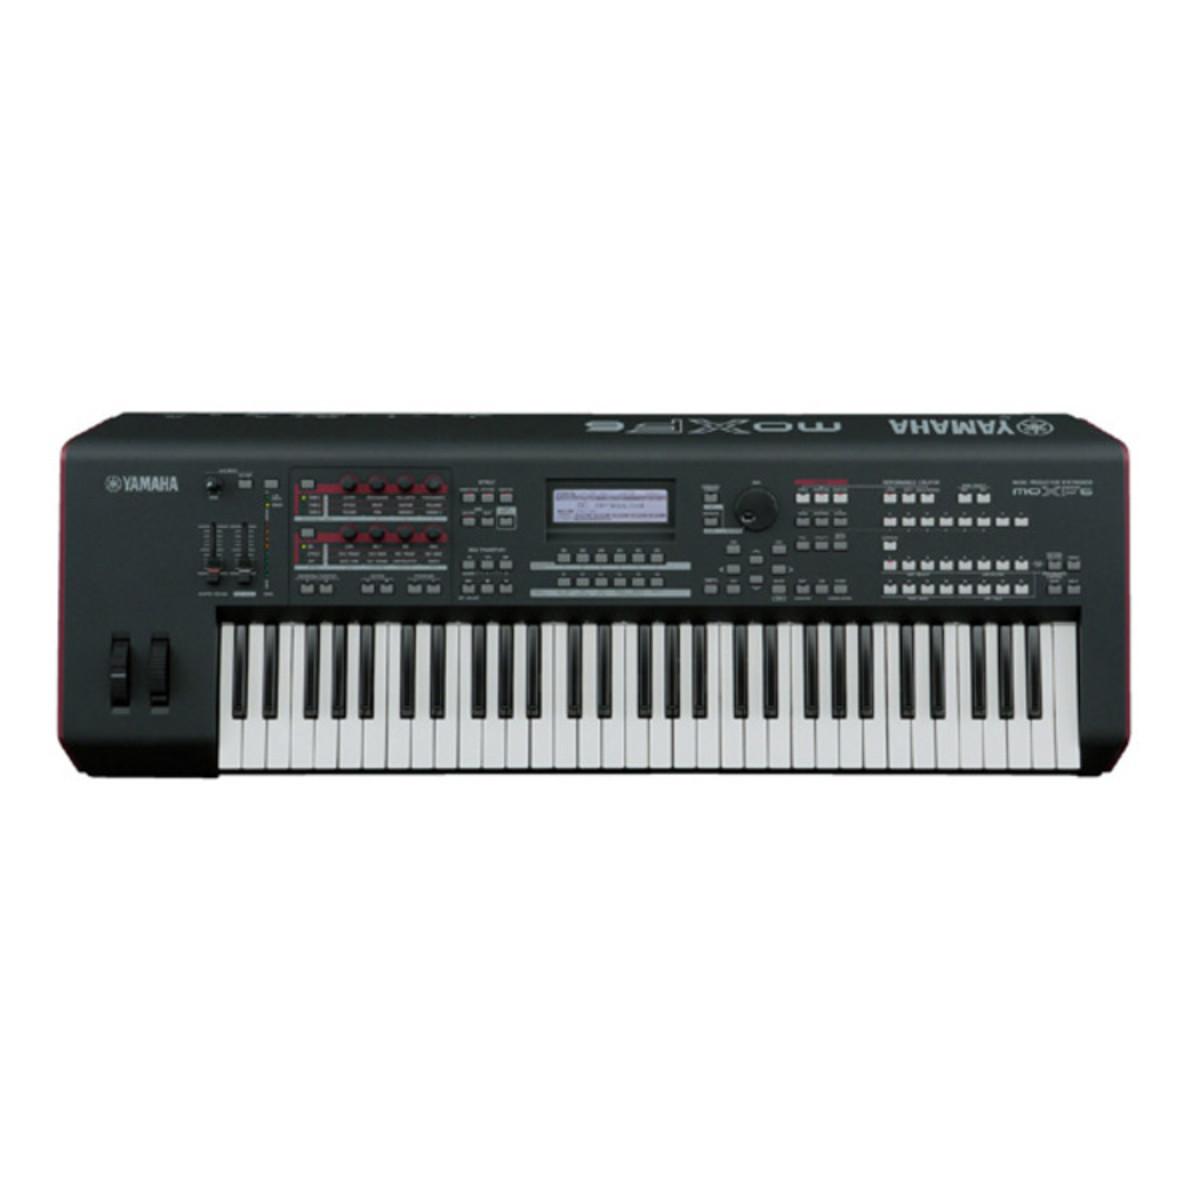 Yamaha moxf6 synthesizer keyboard nearly new at for Yamaha synthesizer keyboard